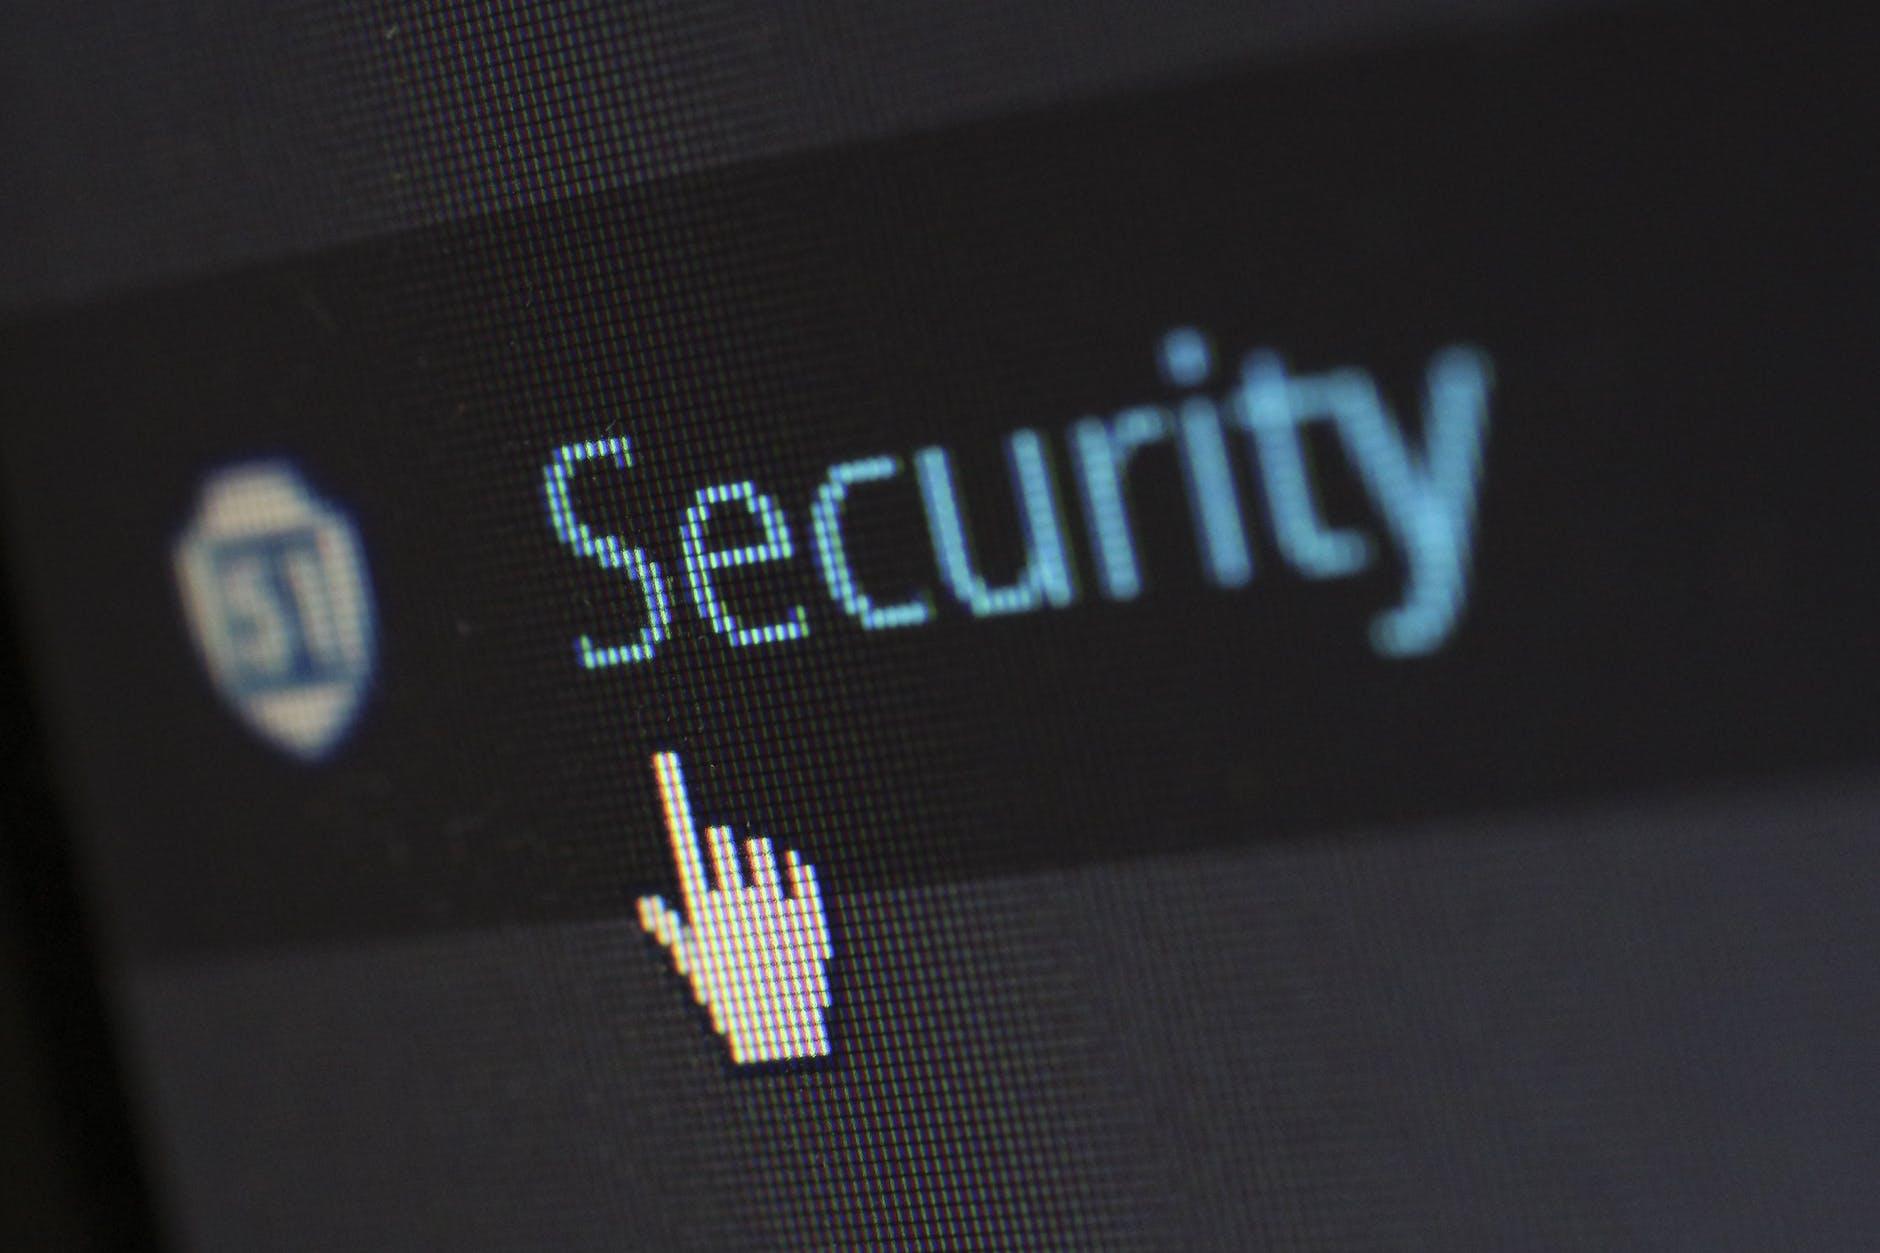 Seguridad informática: crece demanda de profesionales